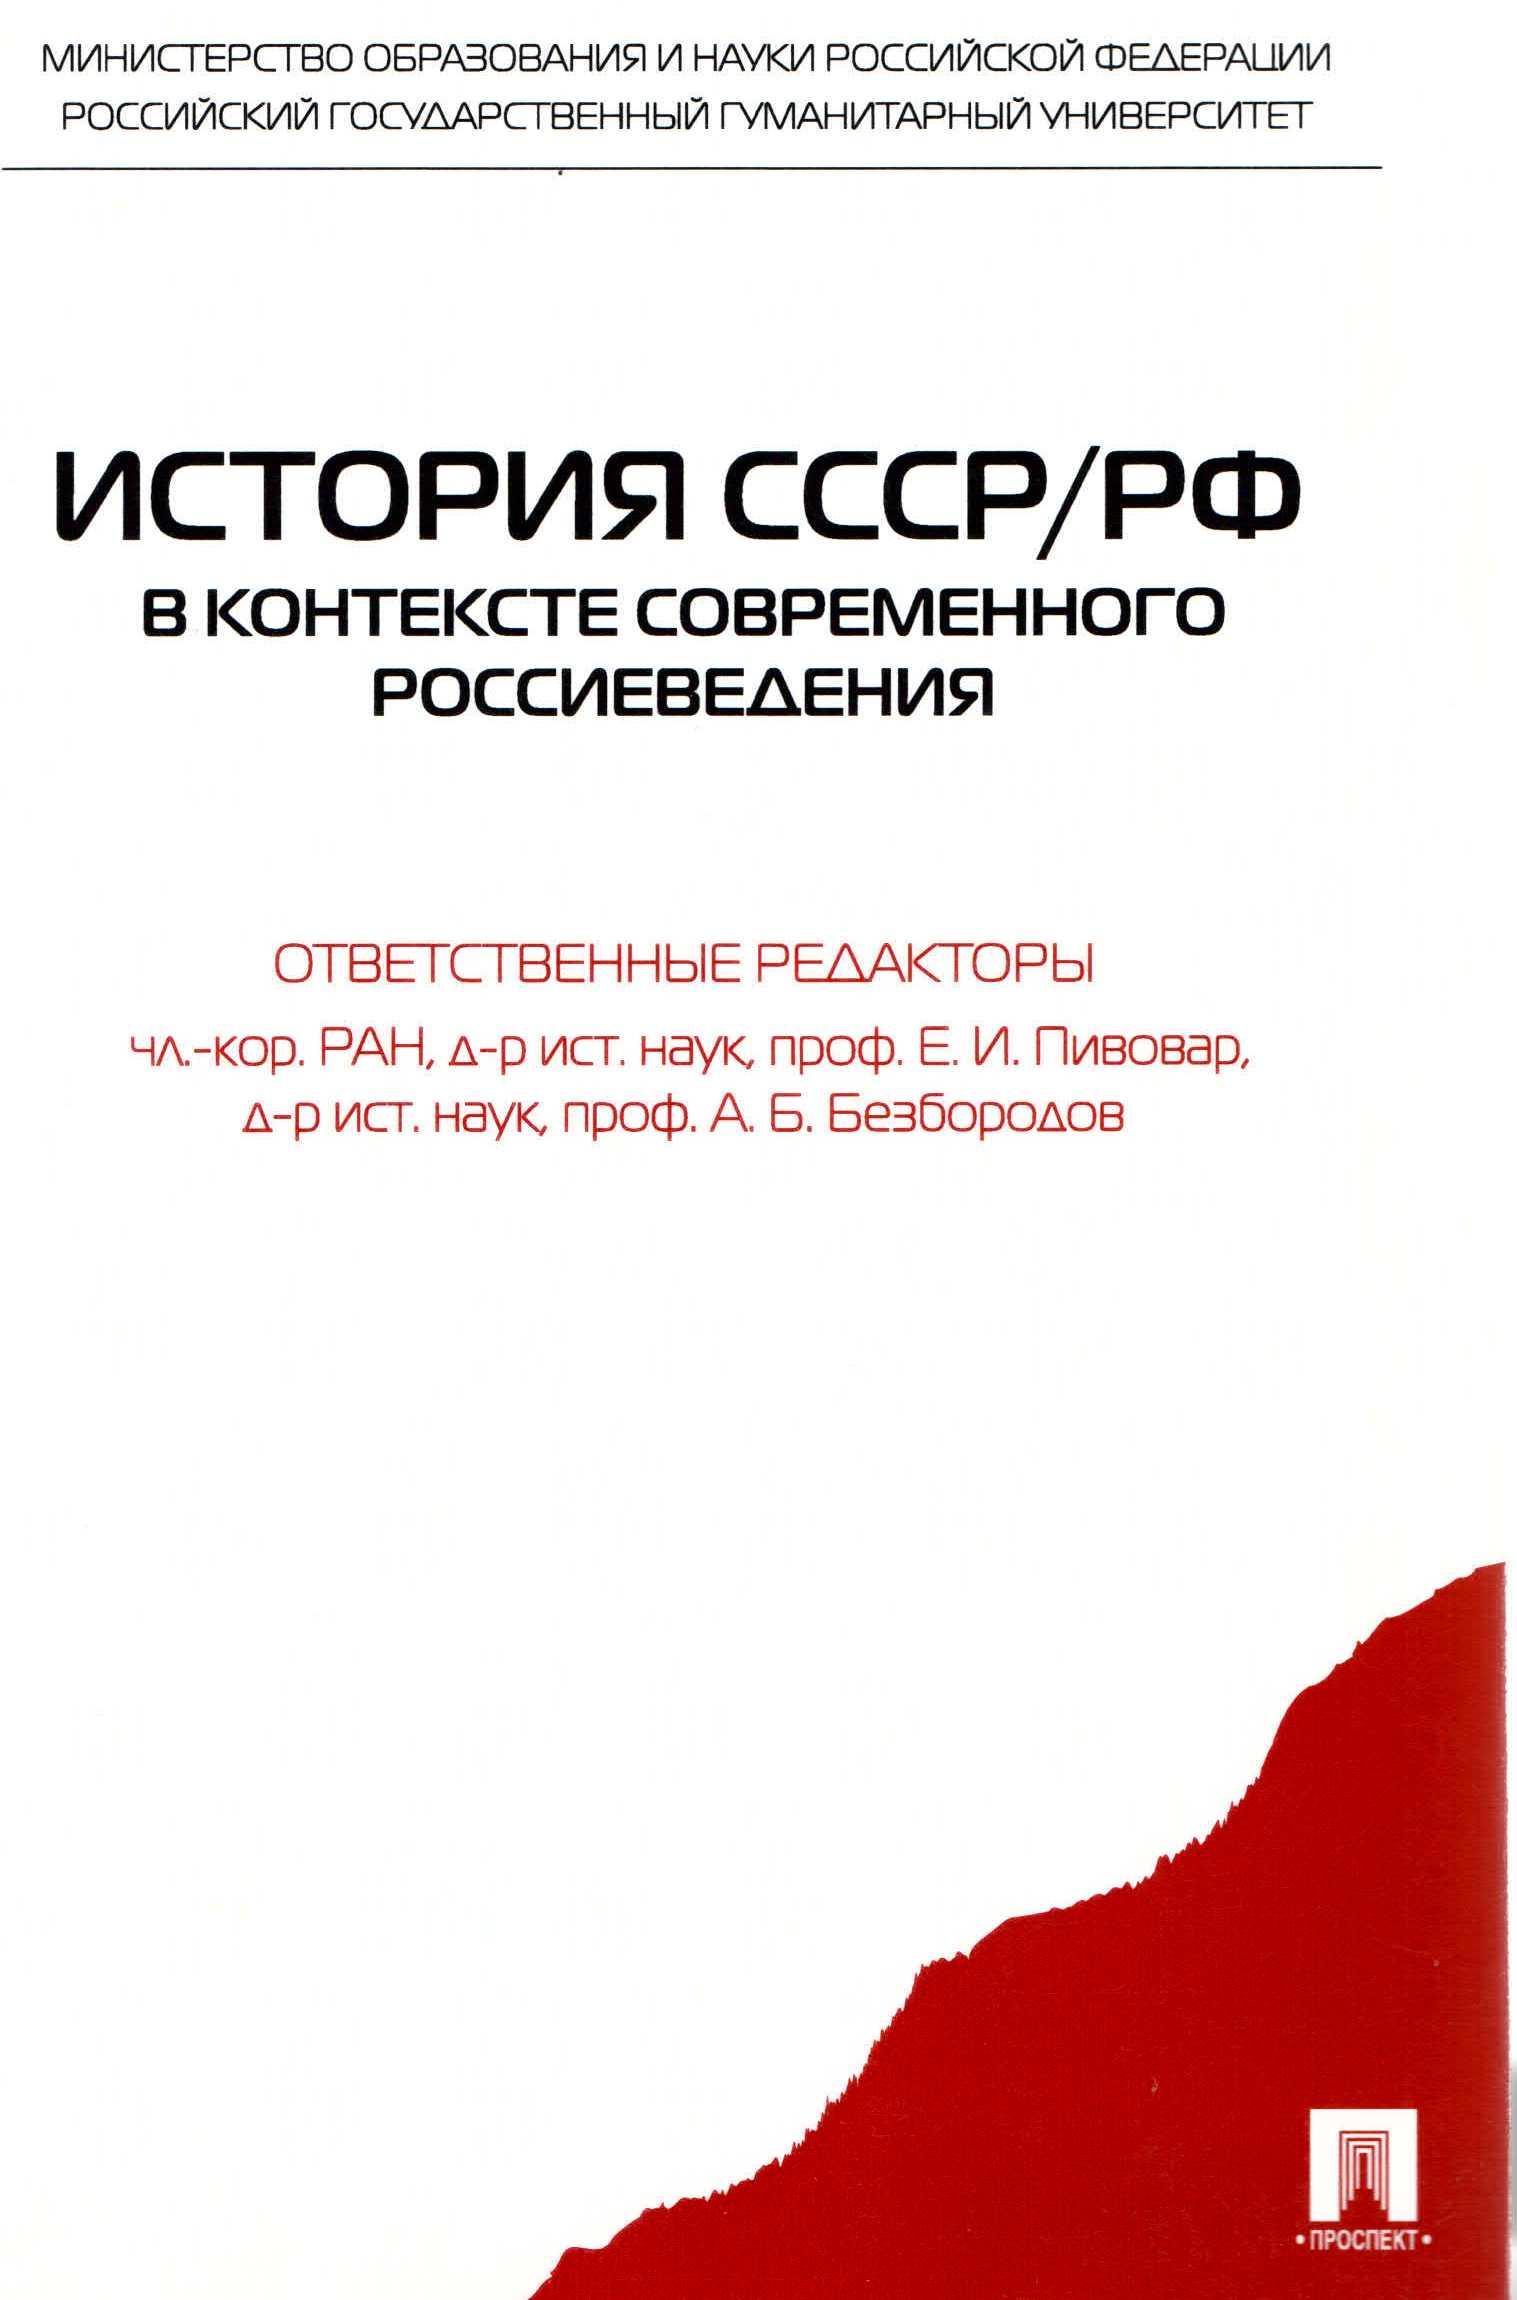 Регионалистика как область научного знания и направление россиеведческих исследований